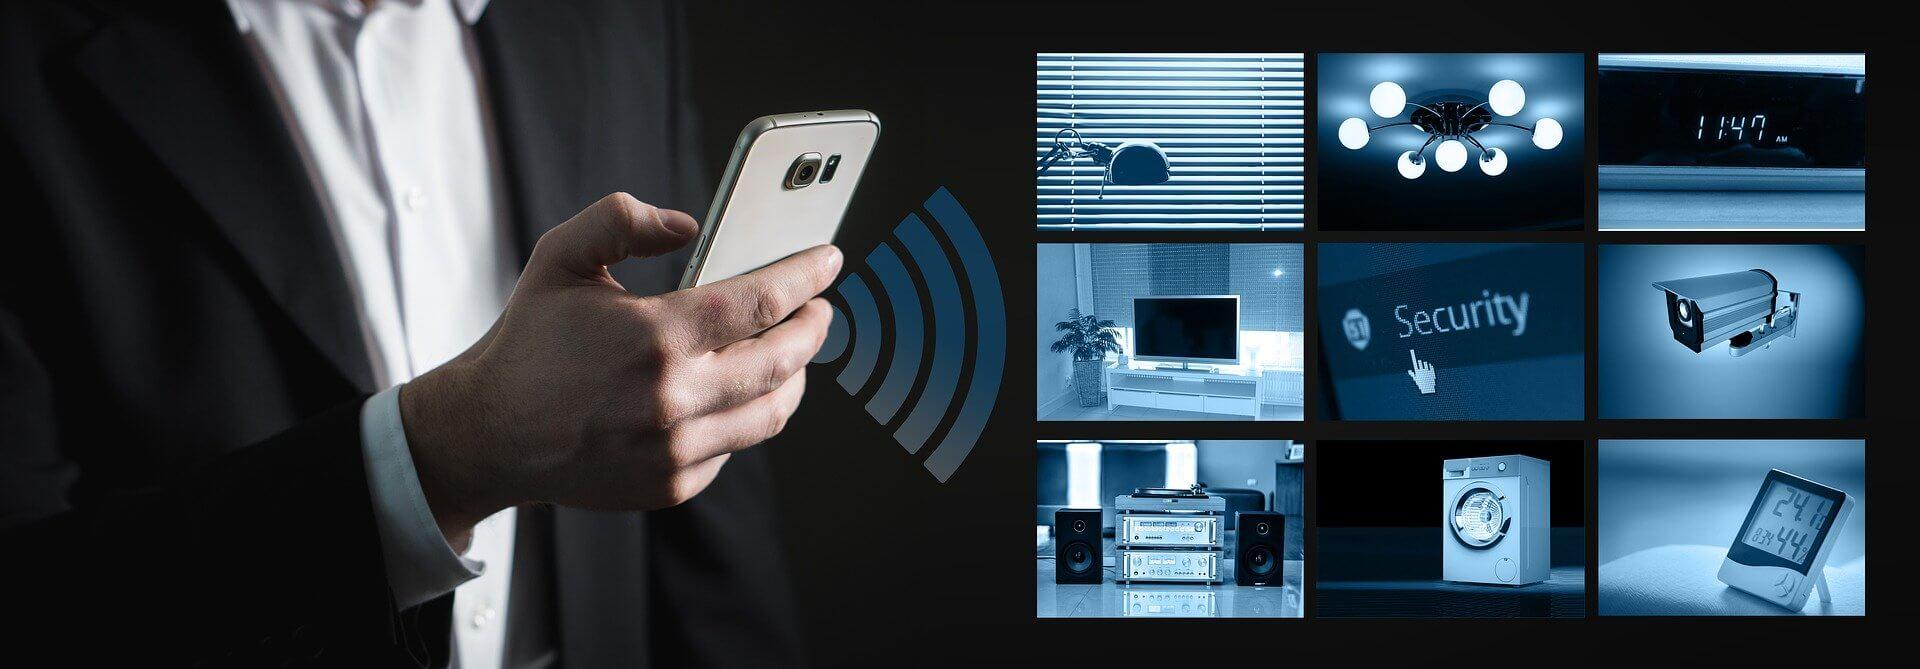 sådan beskytter du dit IoT-baserede intelligente hjem mod hackere